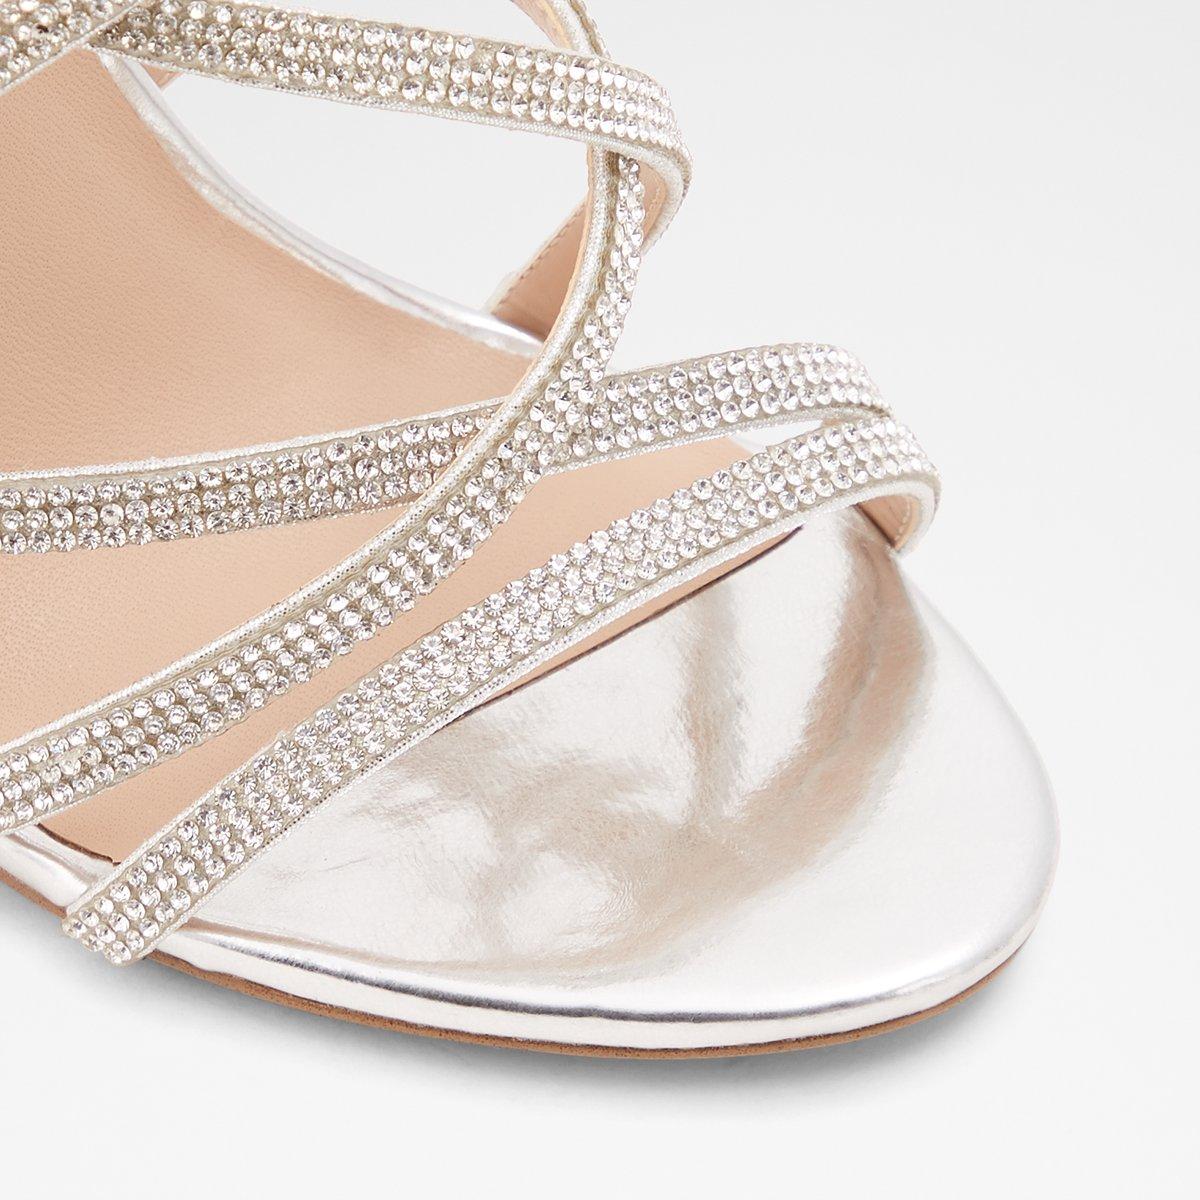 W Silber Meraerk Elegante SandalettenDeutschland Damen erdoCxB